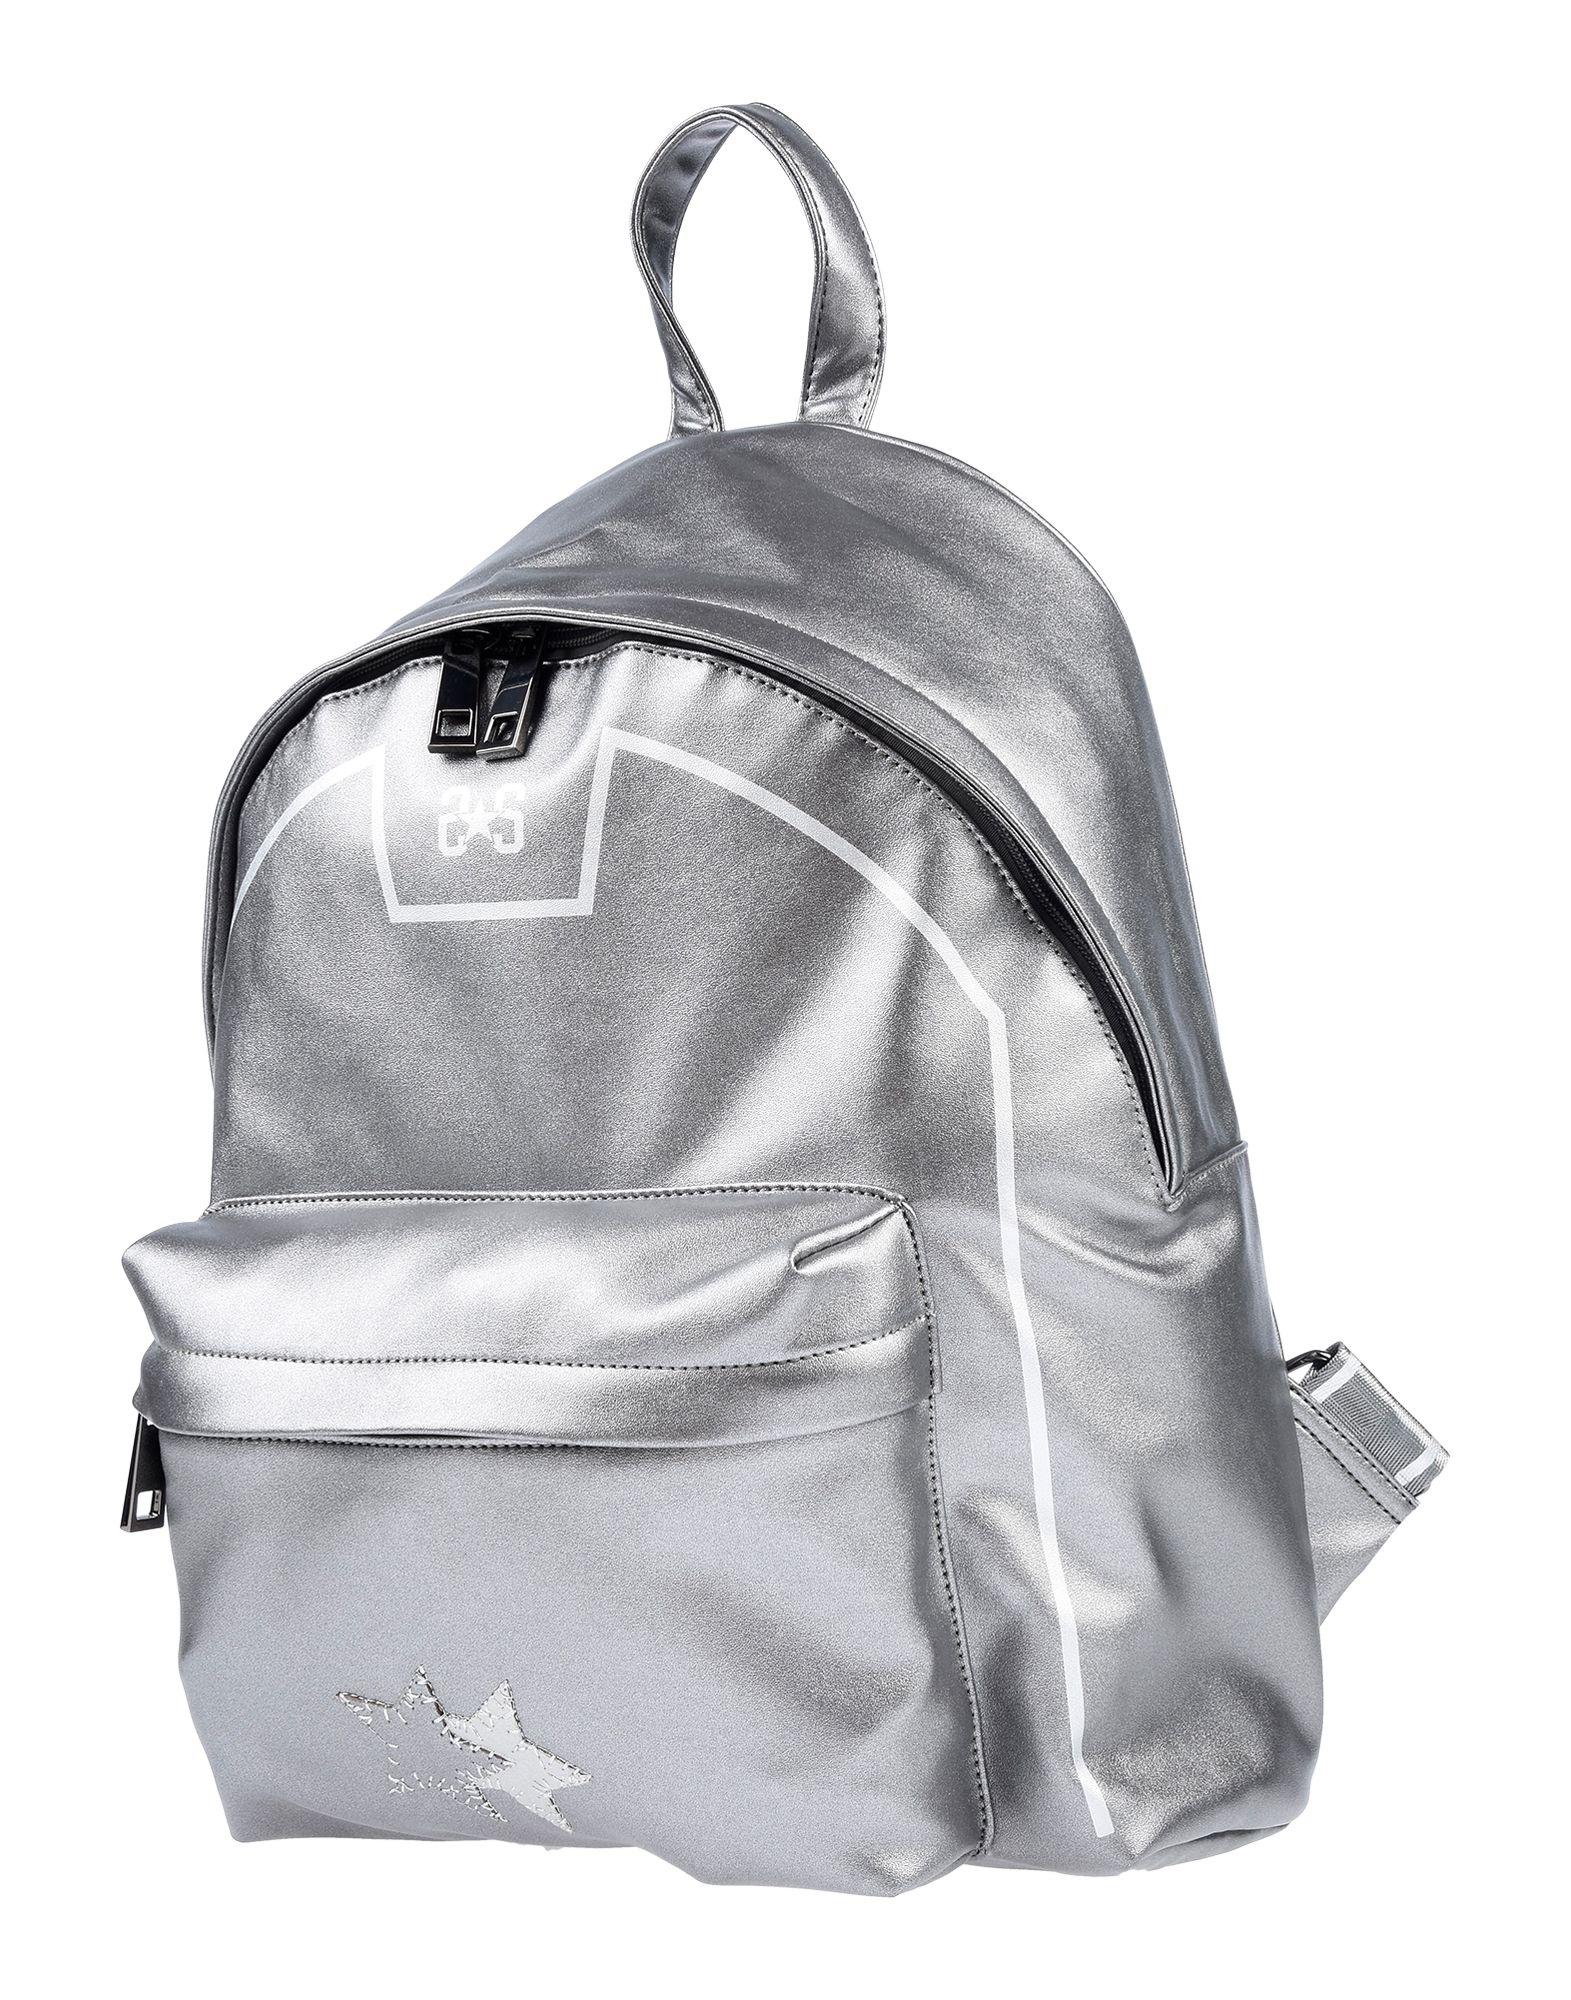 2STAR Рюкзаки и сумки на пояс сумки magnolia сумка женская a761 7363 лак искусственная кожа page 8